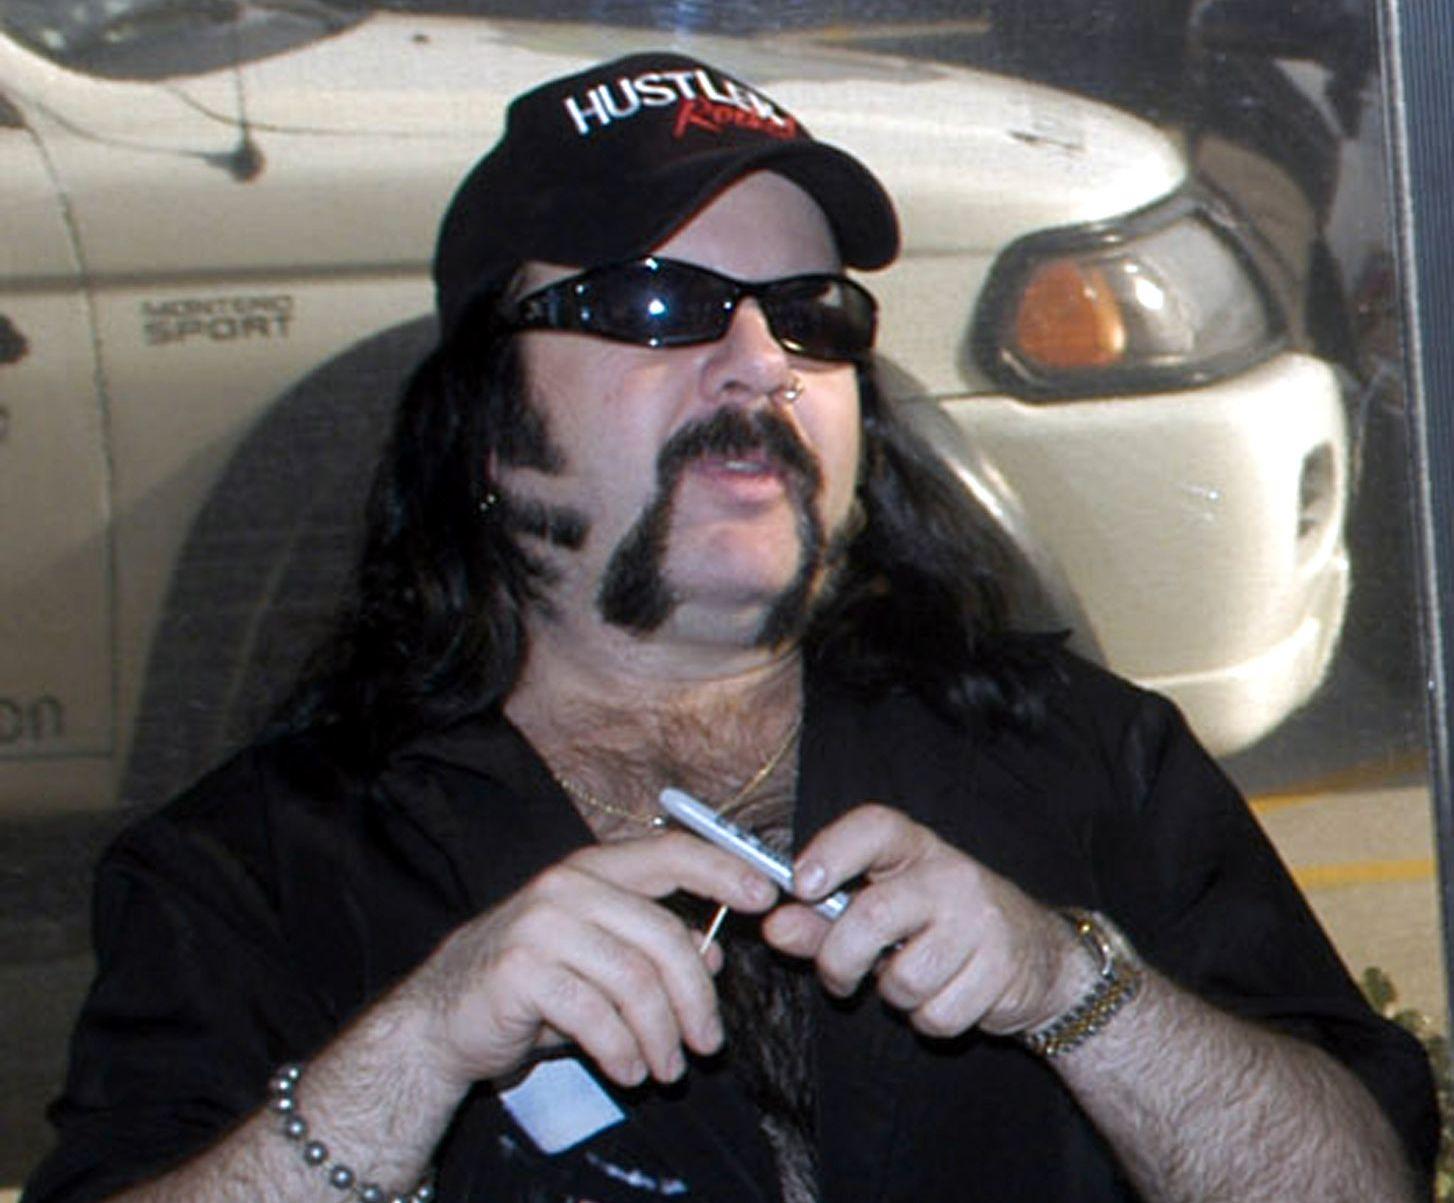 DØD: Her er Vinnie Paul i Texas på et bilde fra 2004.